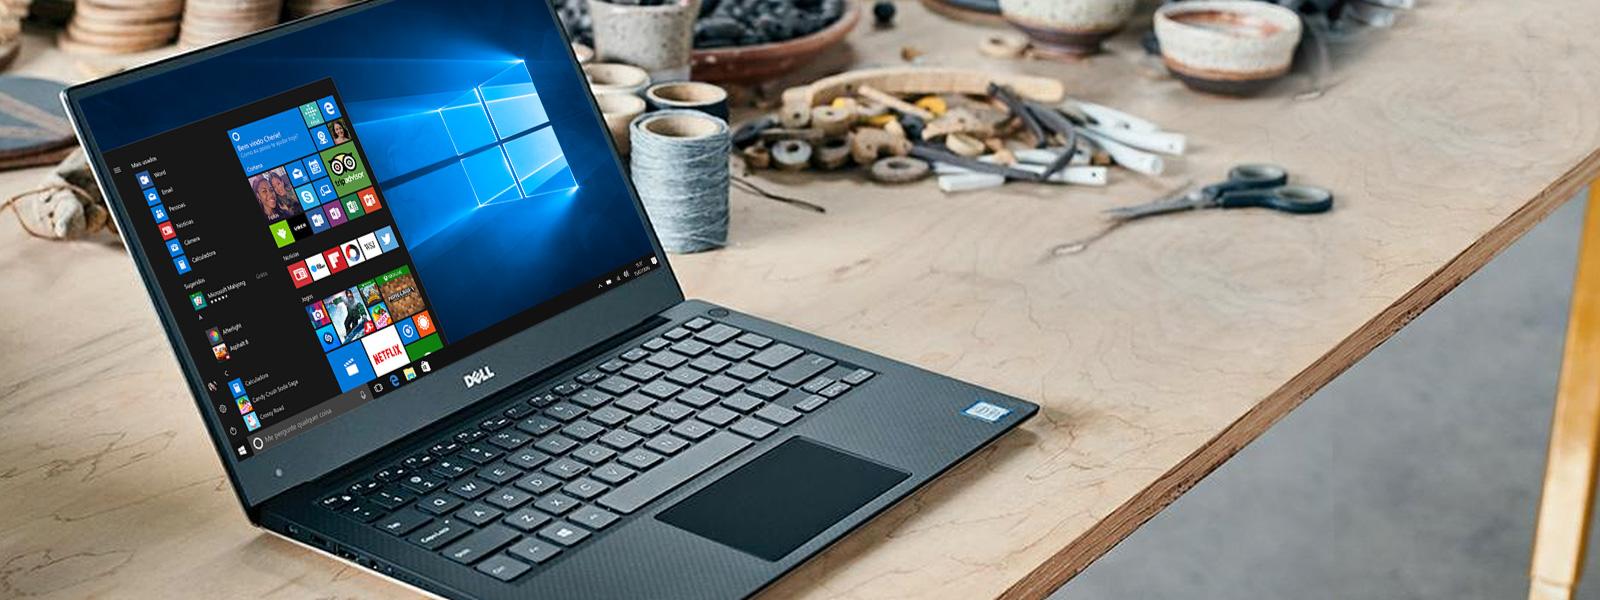 Dell XPS 13 com uma tela inicial do Windows 10